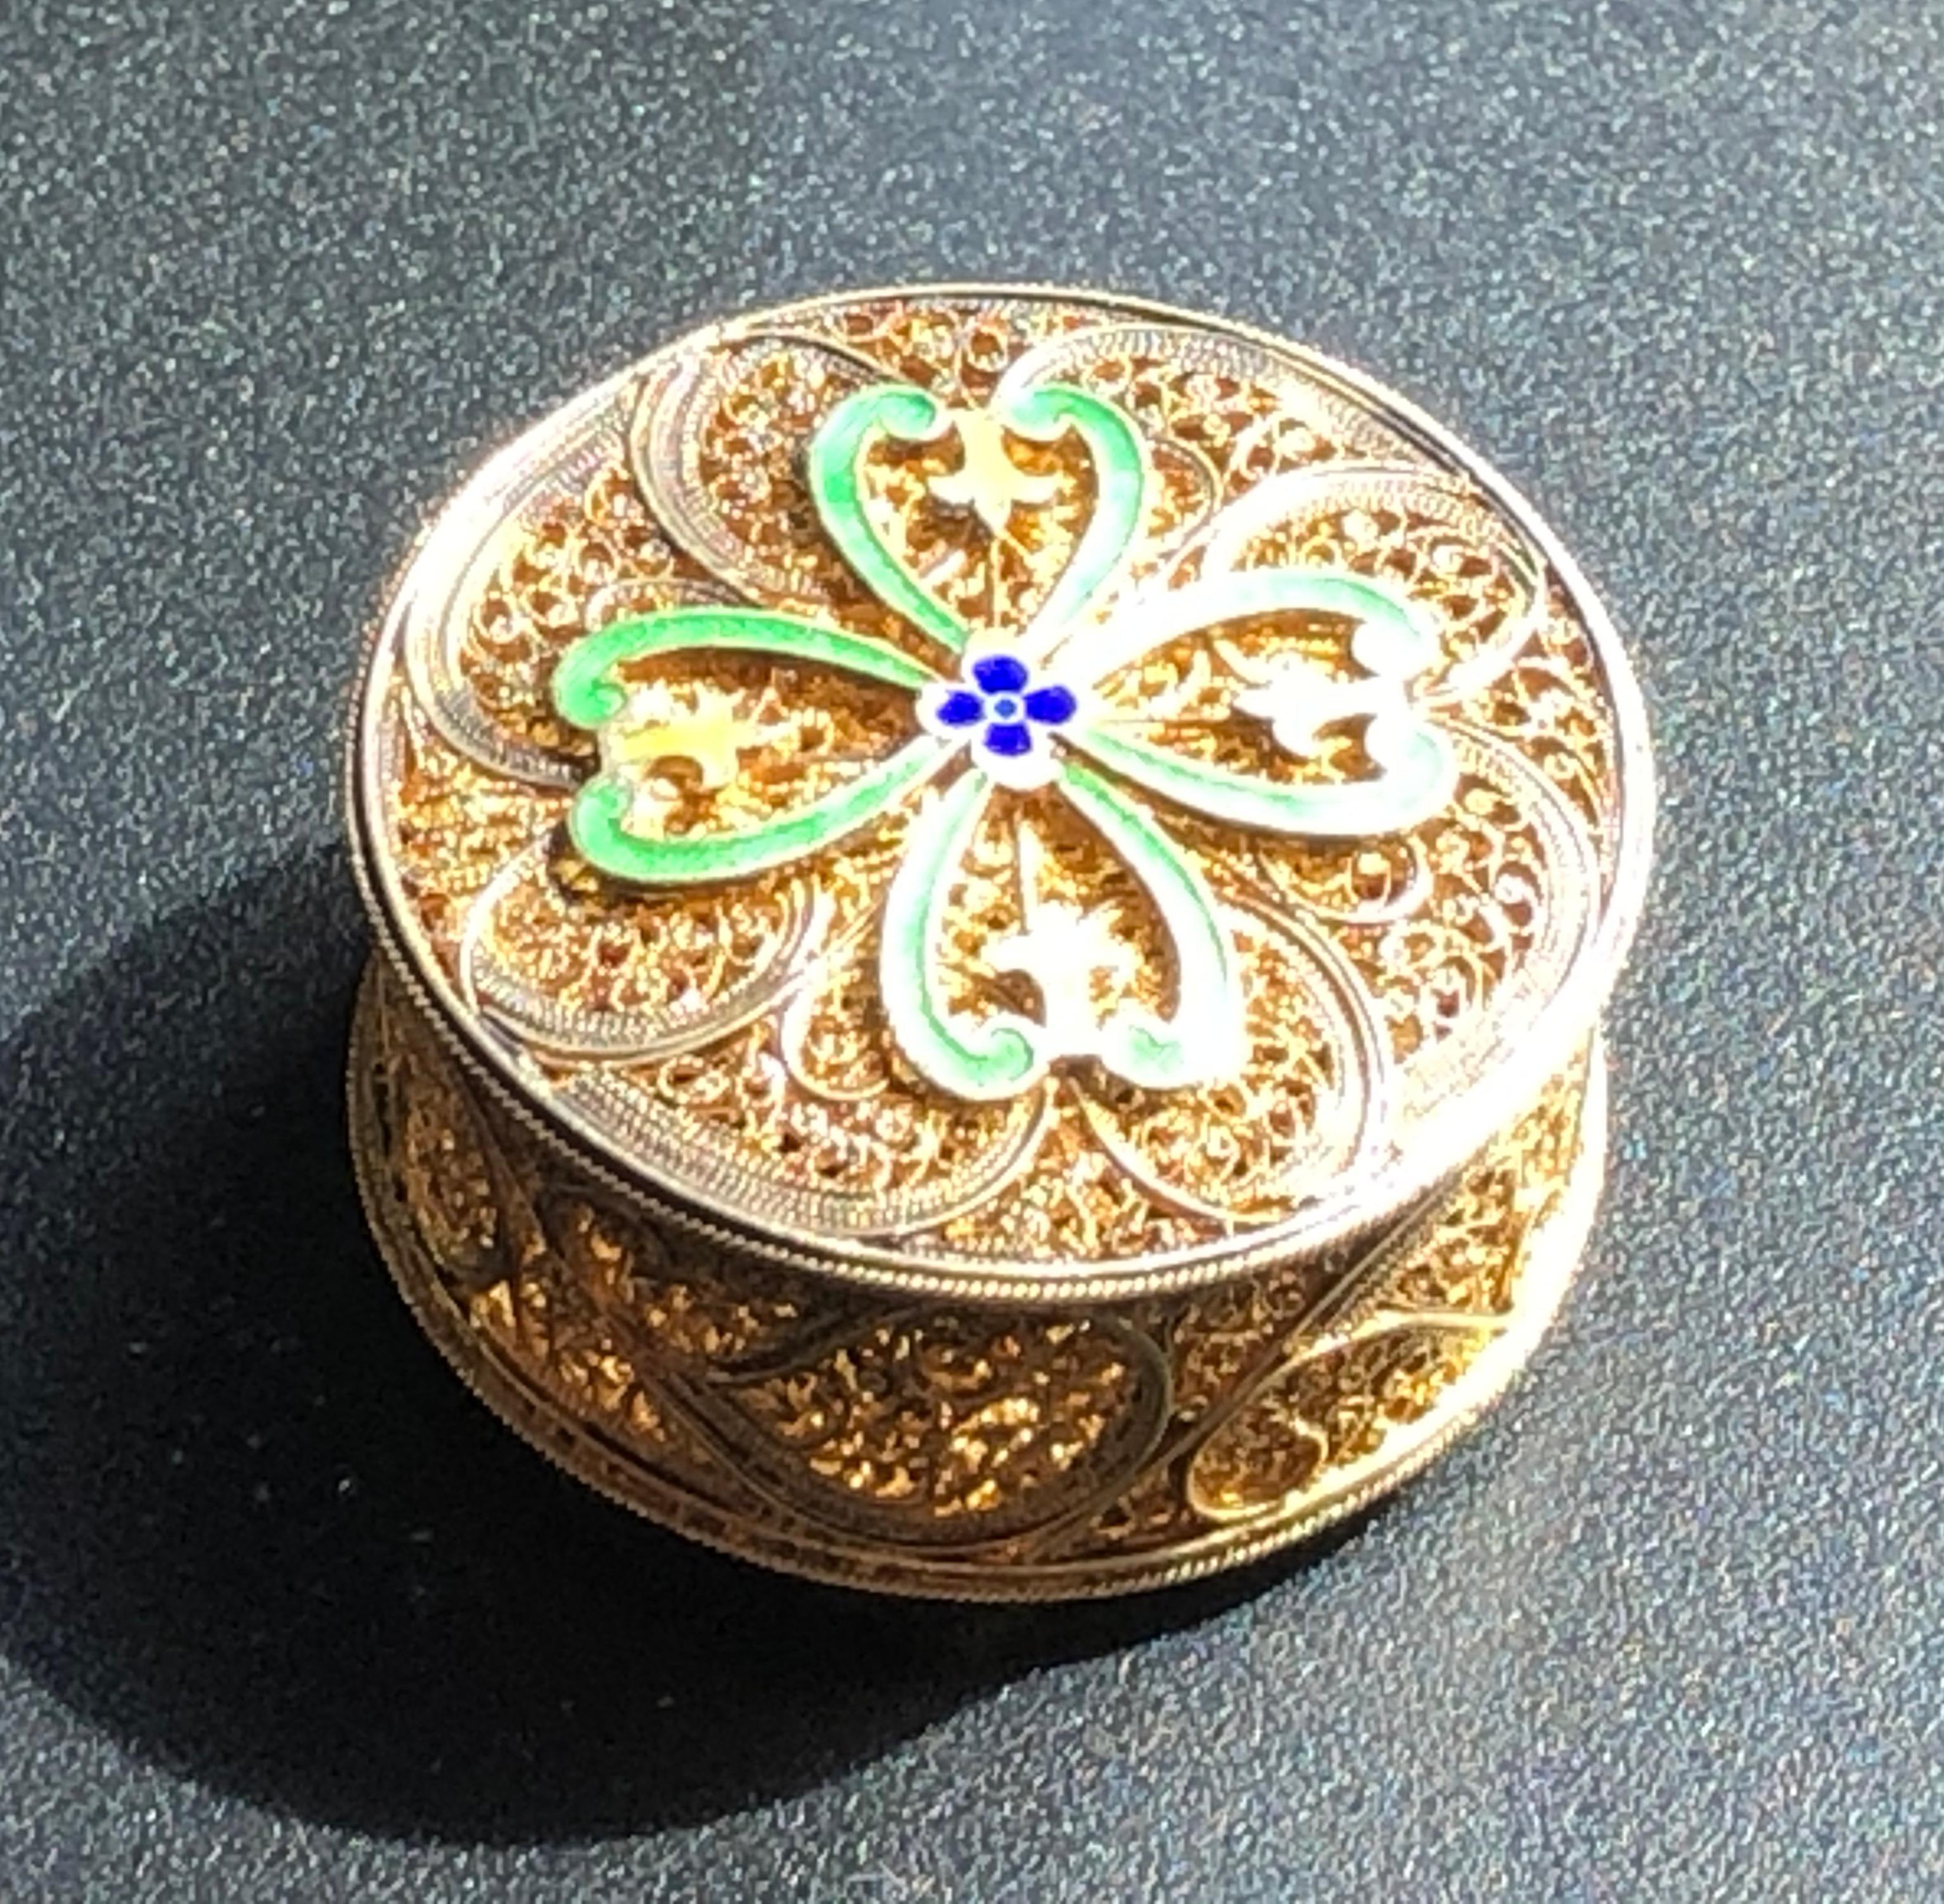 Vintage Gold Filled Silver filigree Box